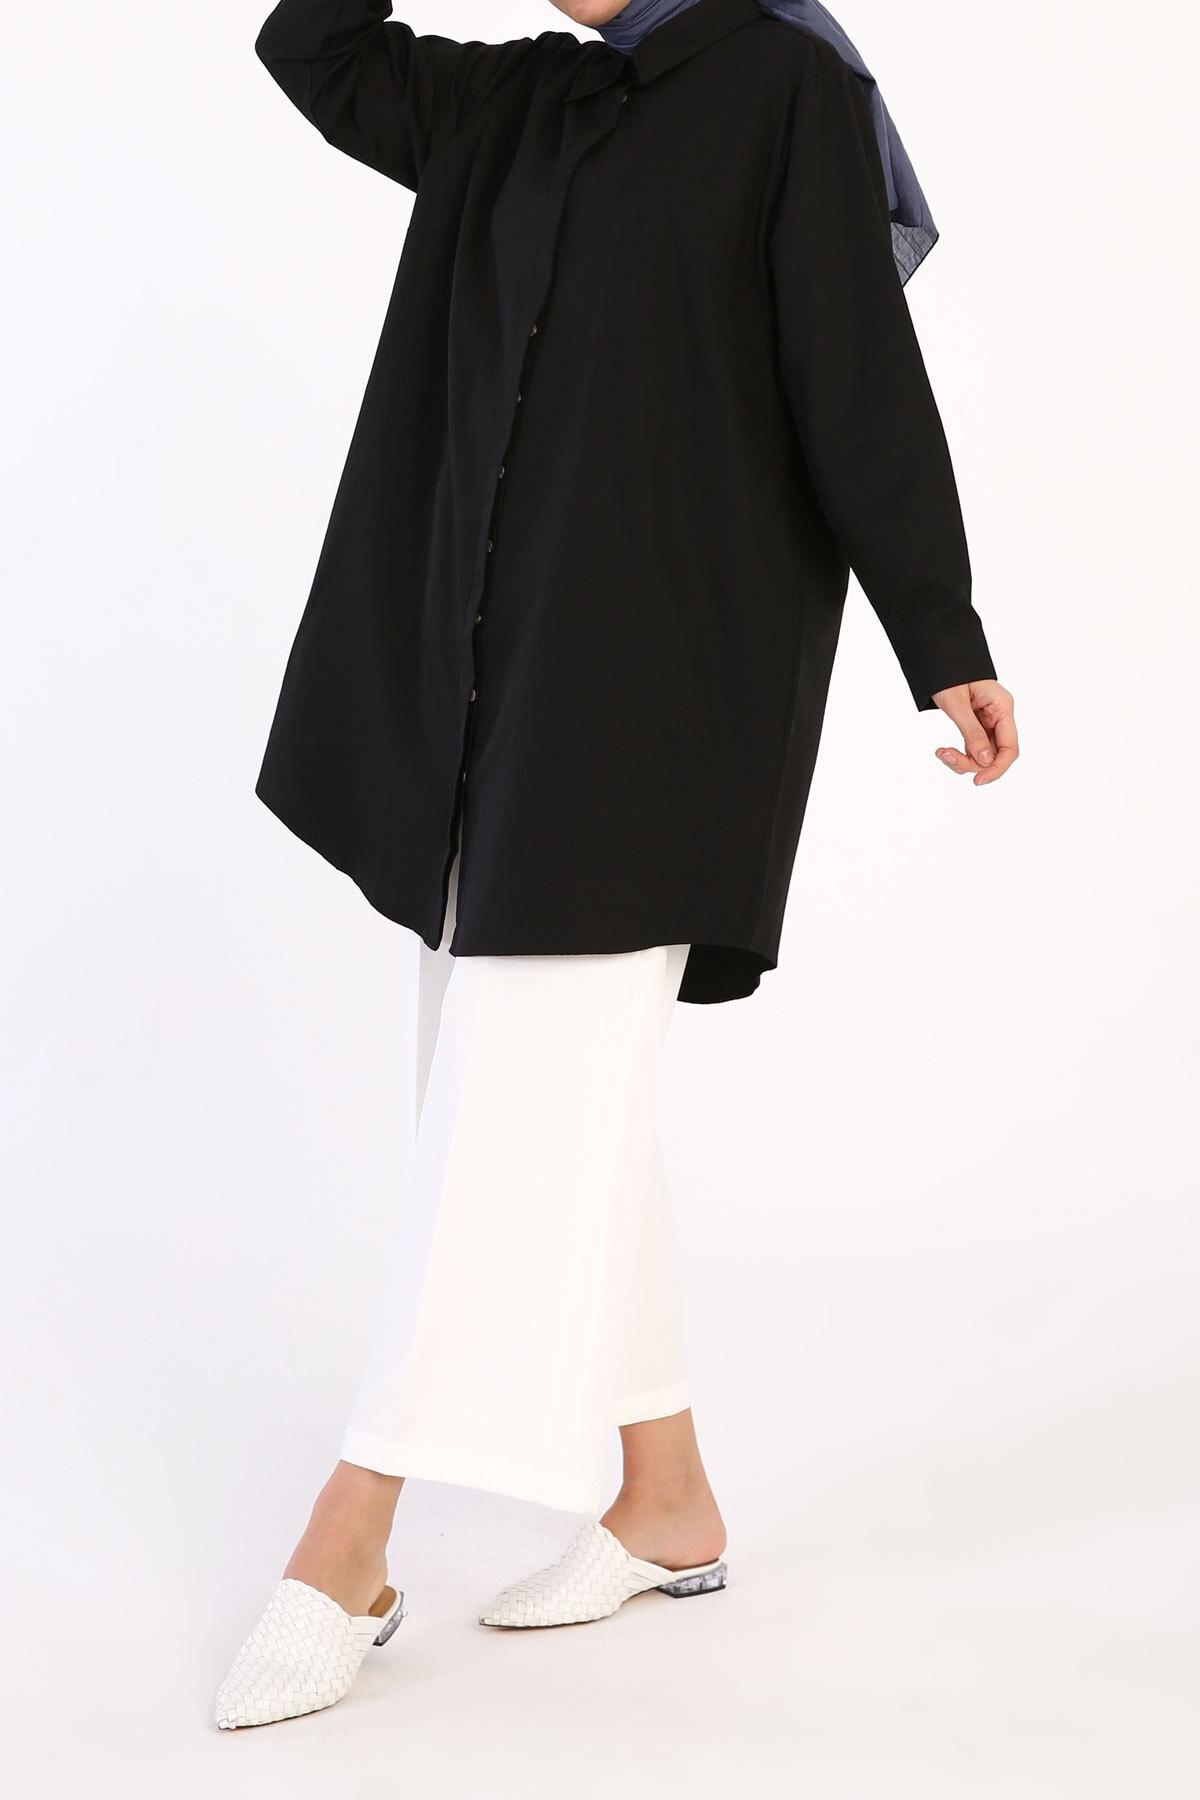 ALLDAY Siyah Büyük Beden Basic Gömlek Tunik 1